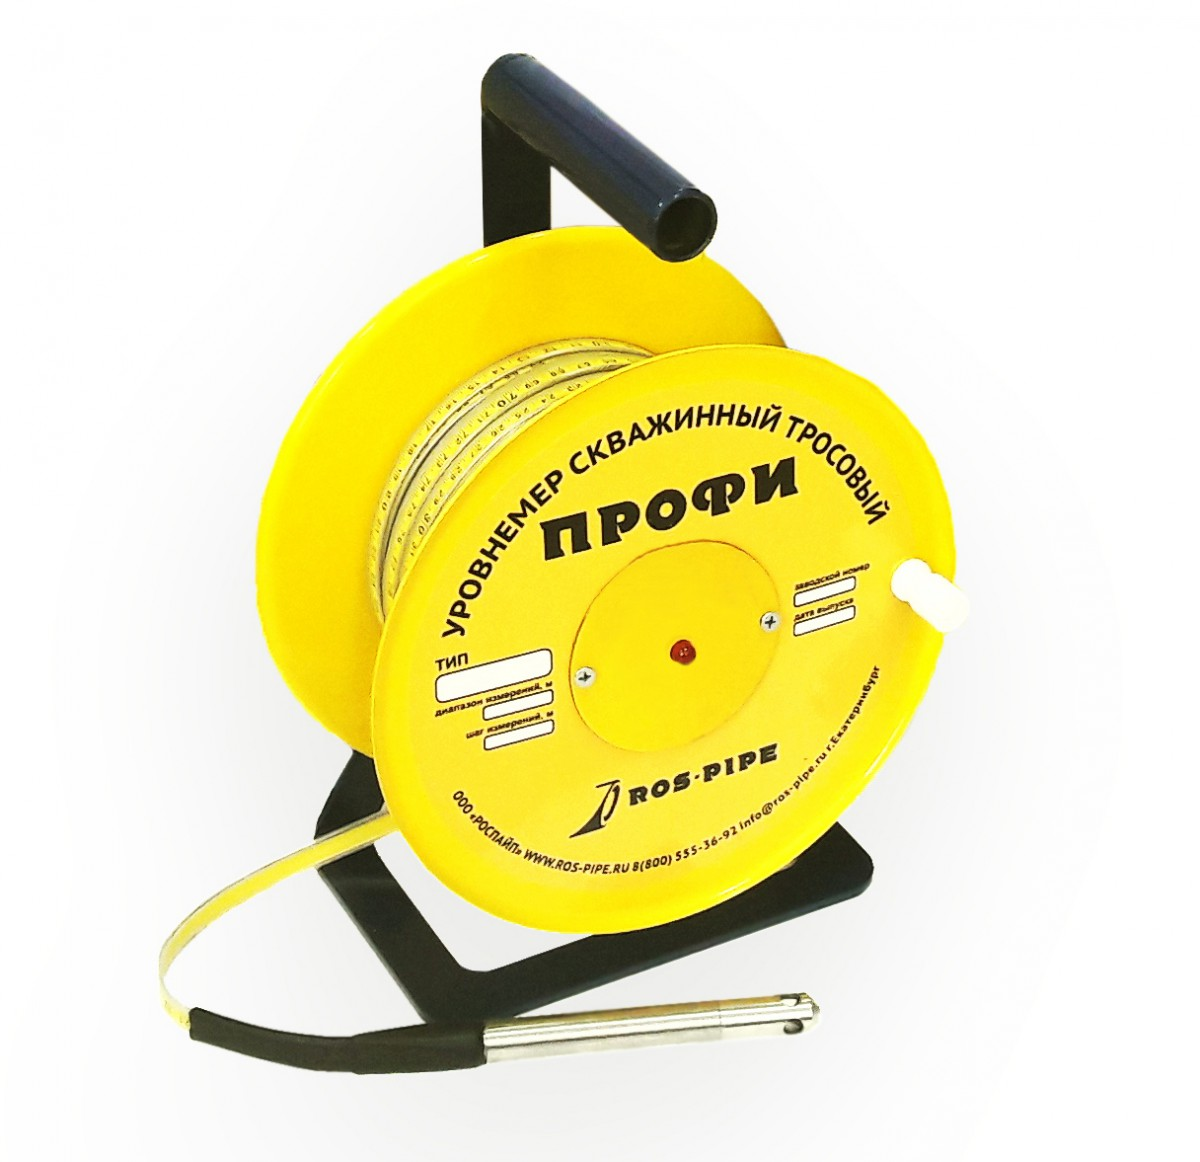 Уровнемер скважинный тросовый ПРОФИ-100